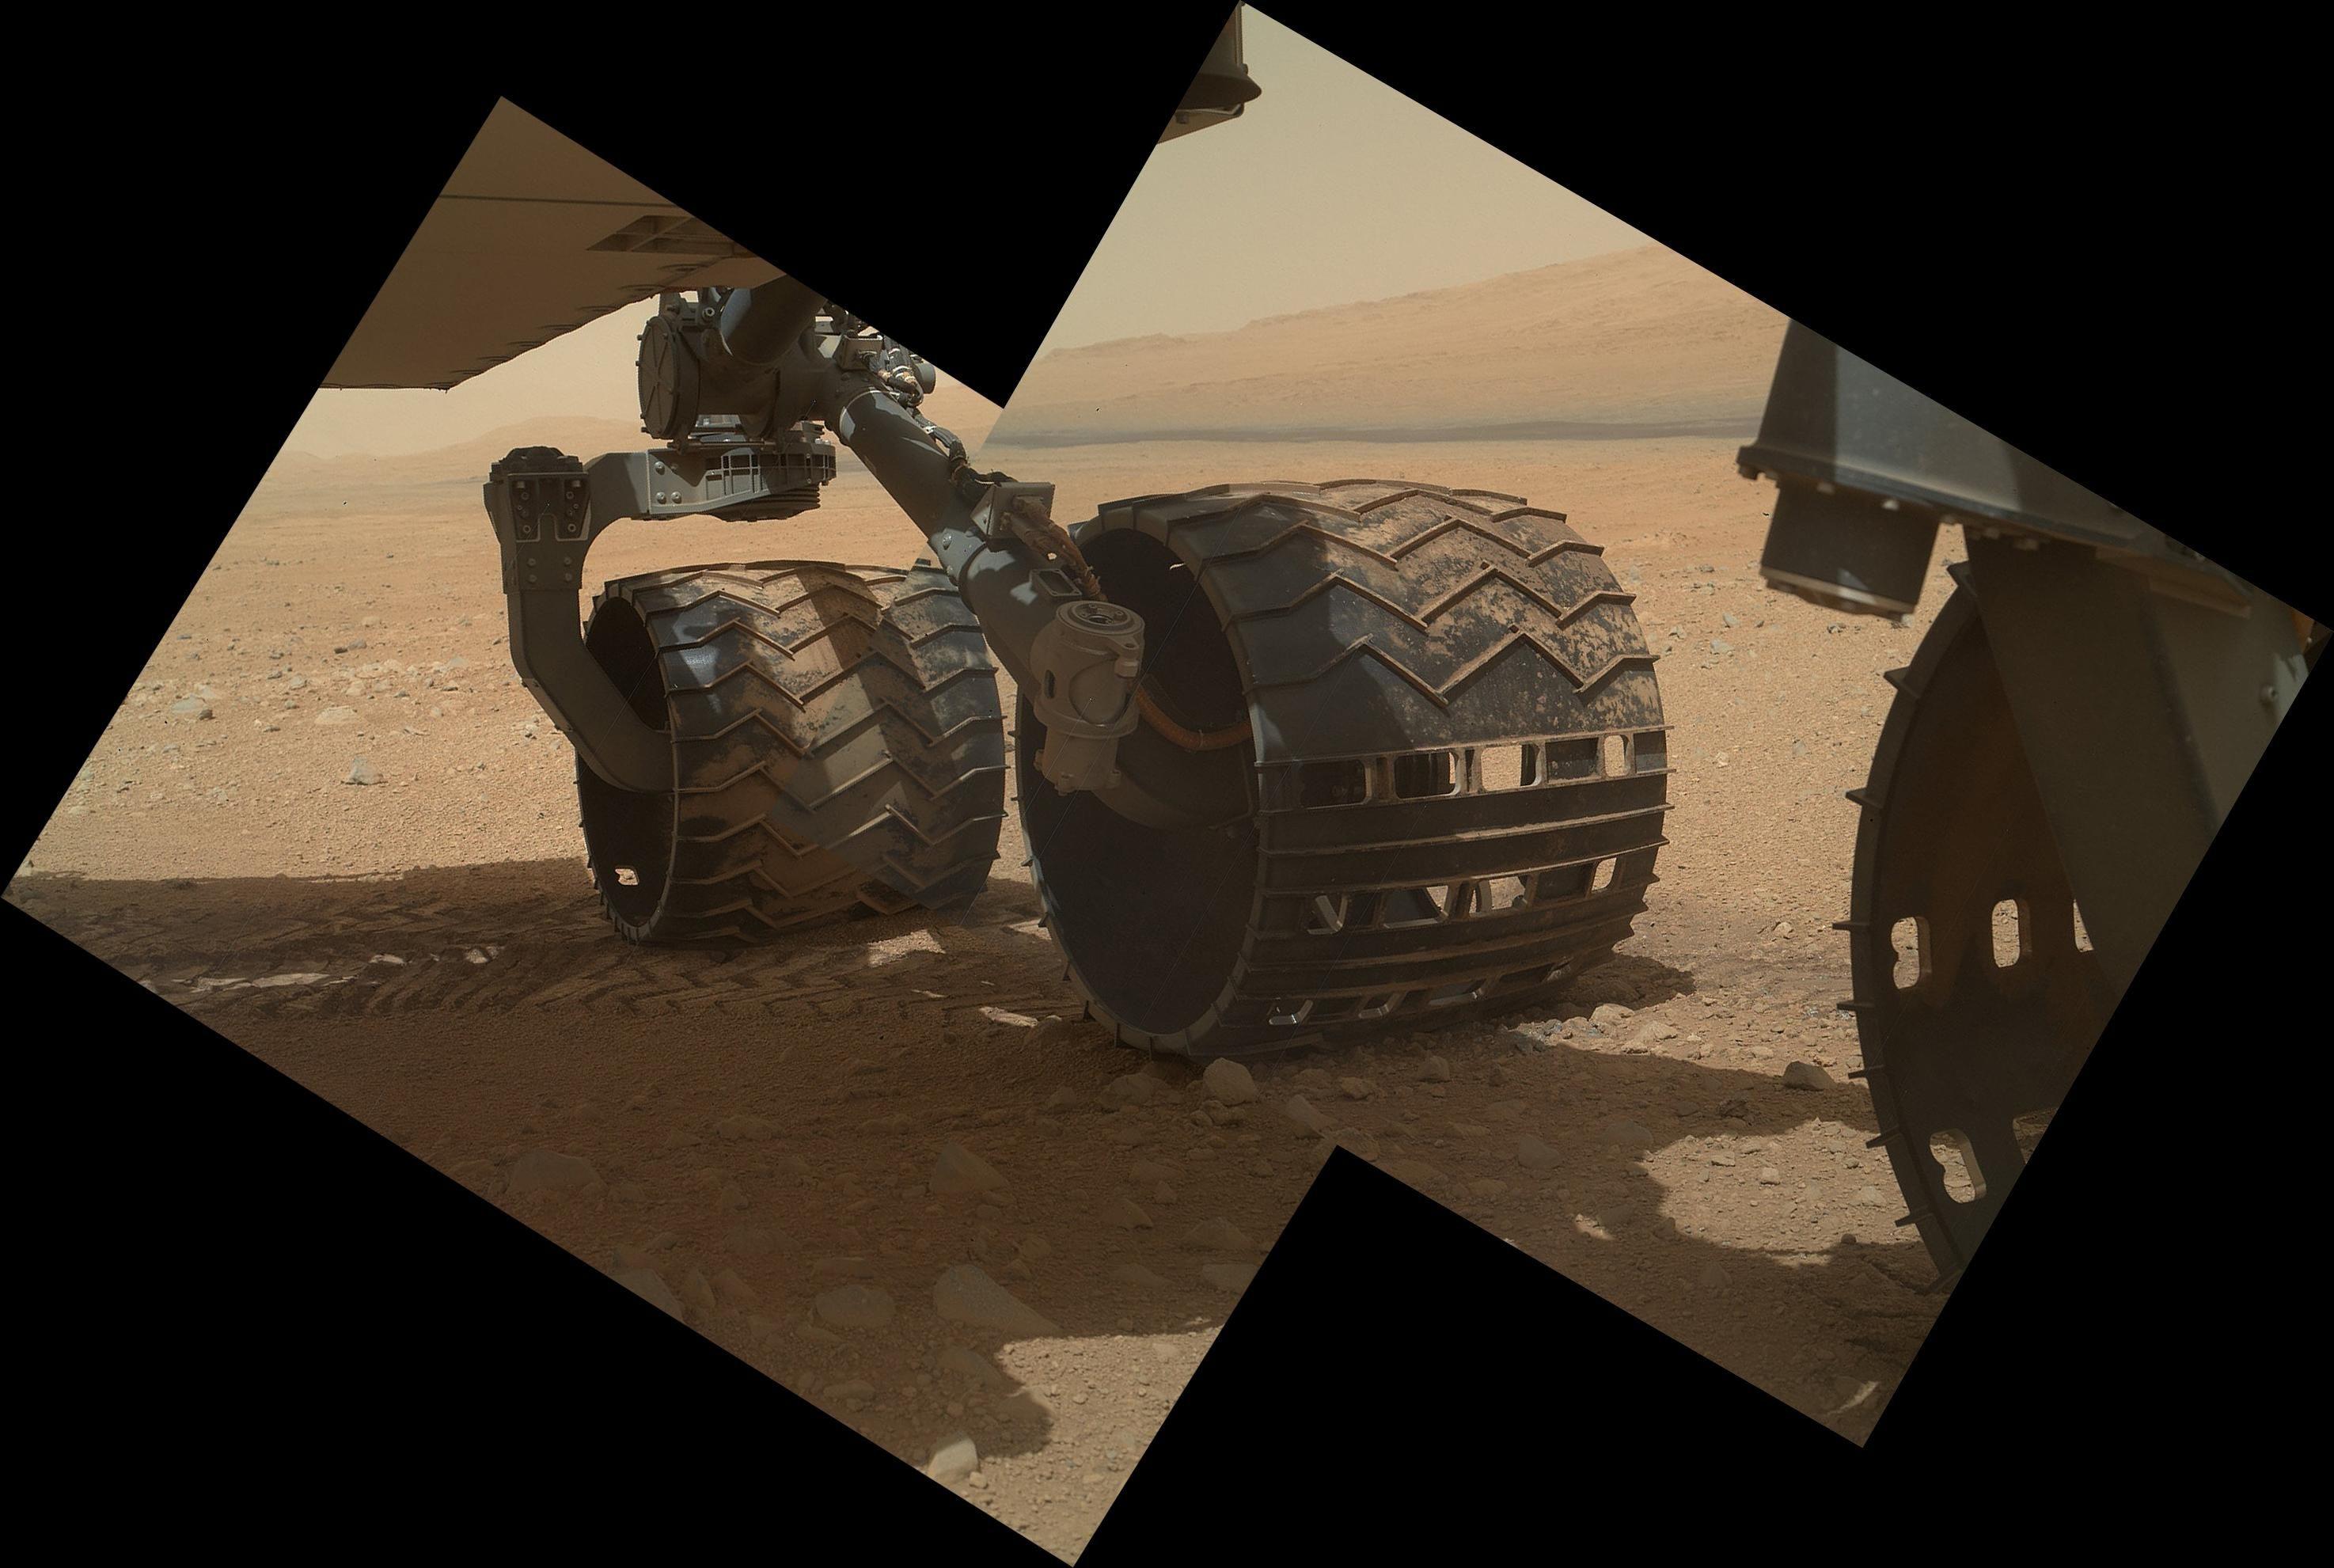 Les roues de Curiosity sont endommagées